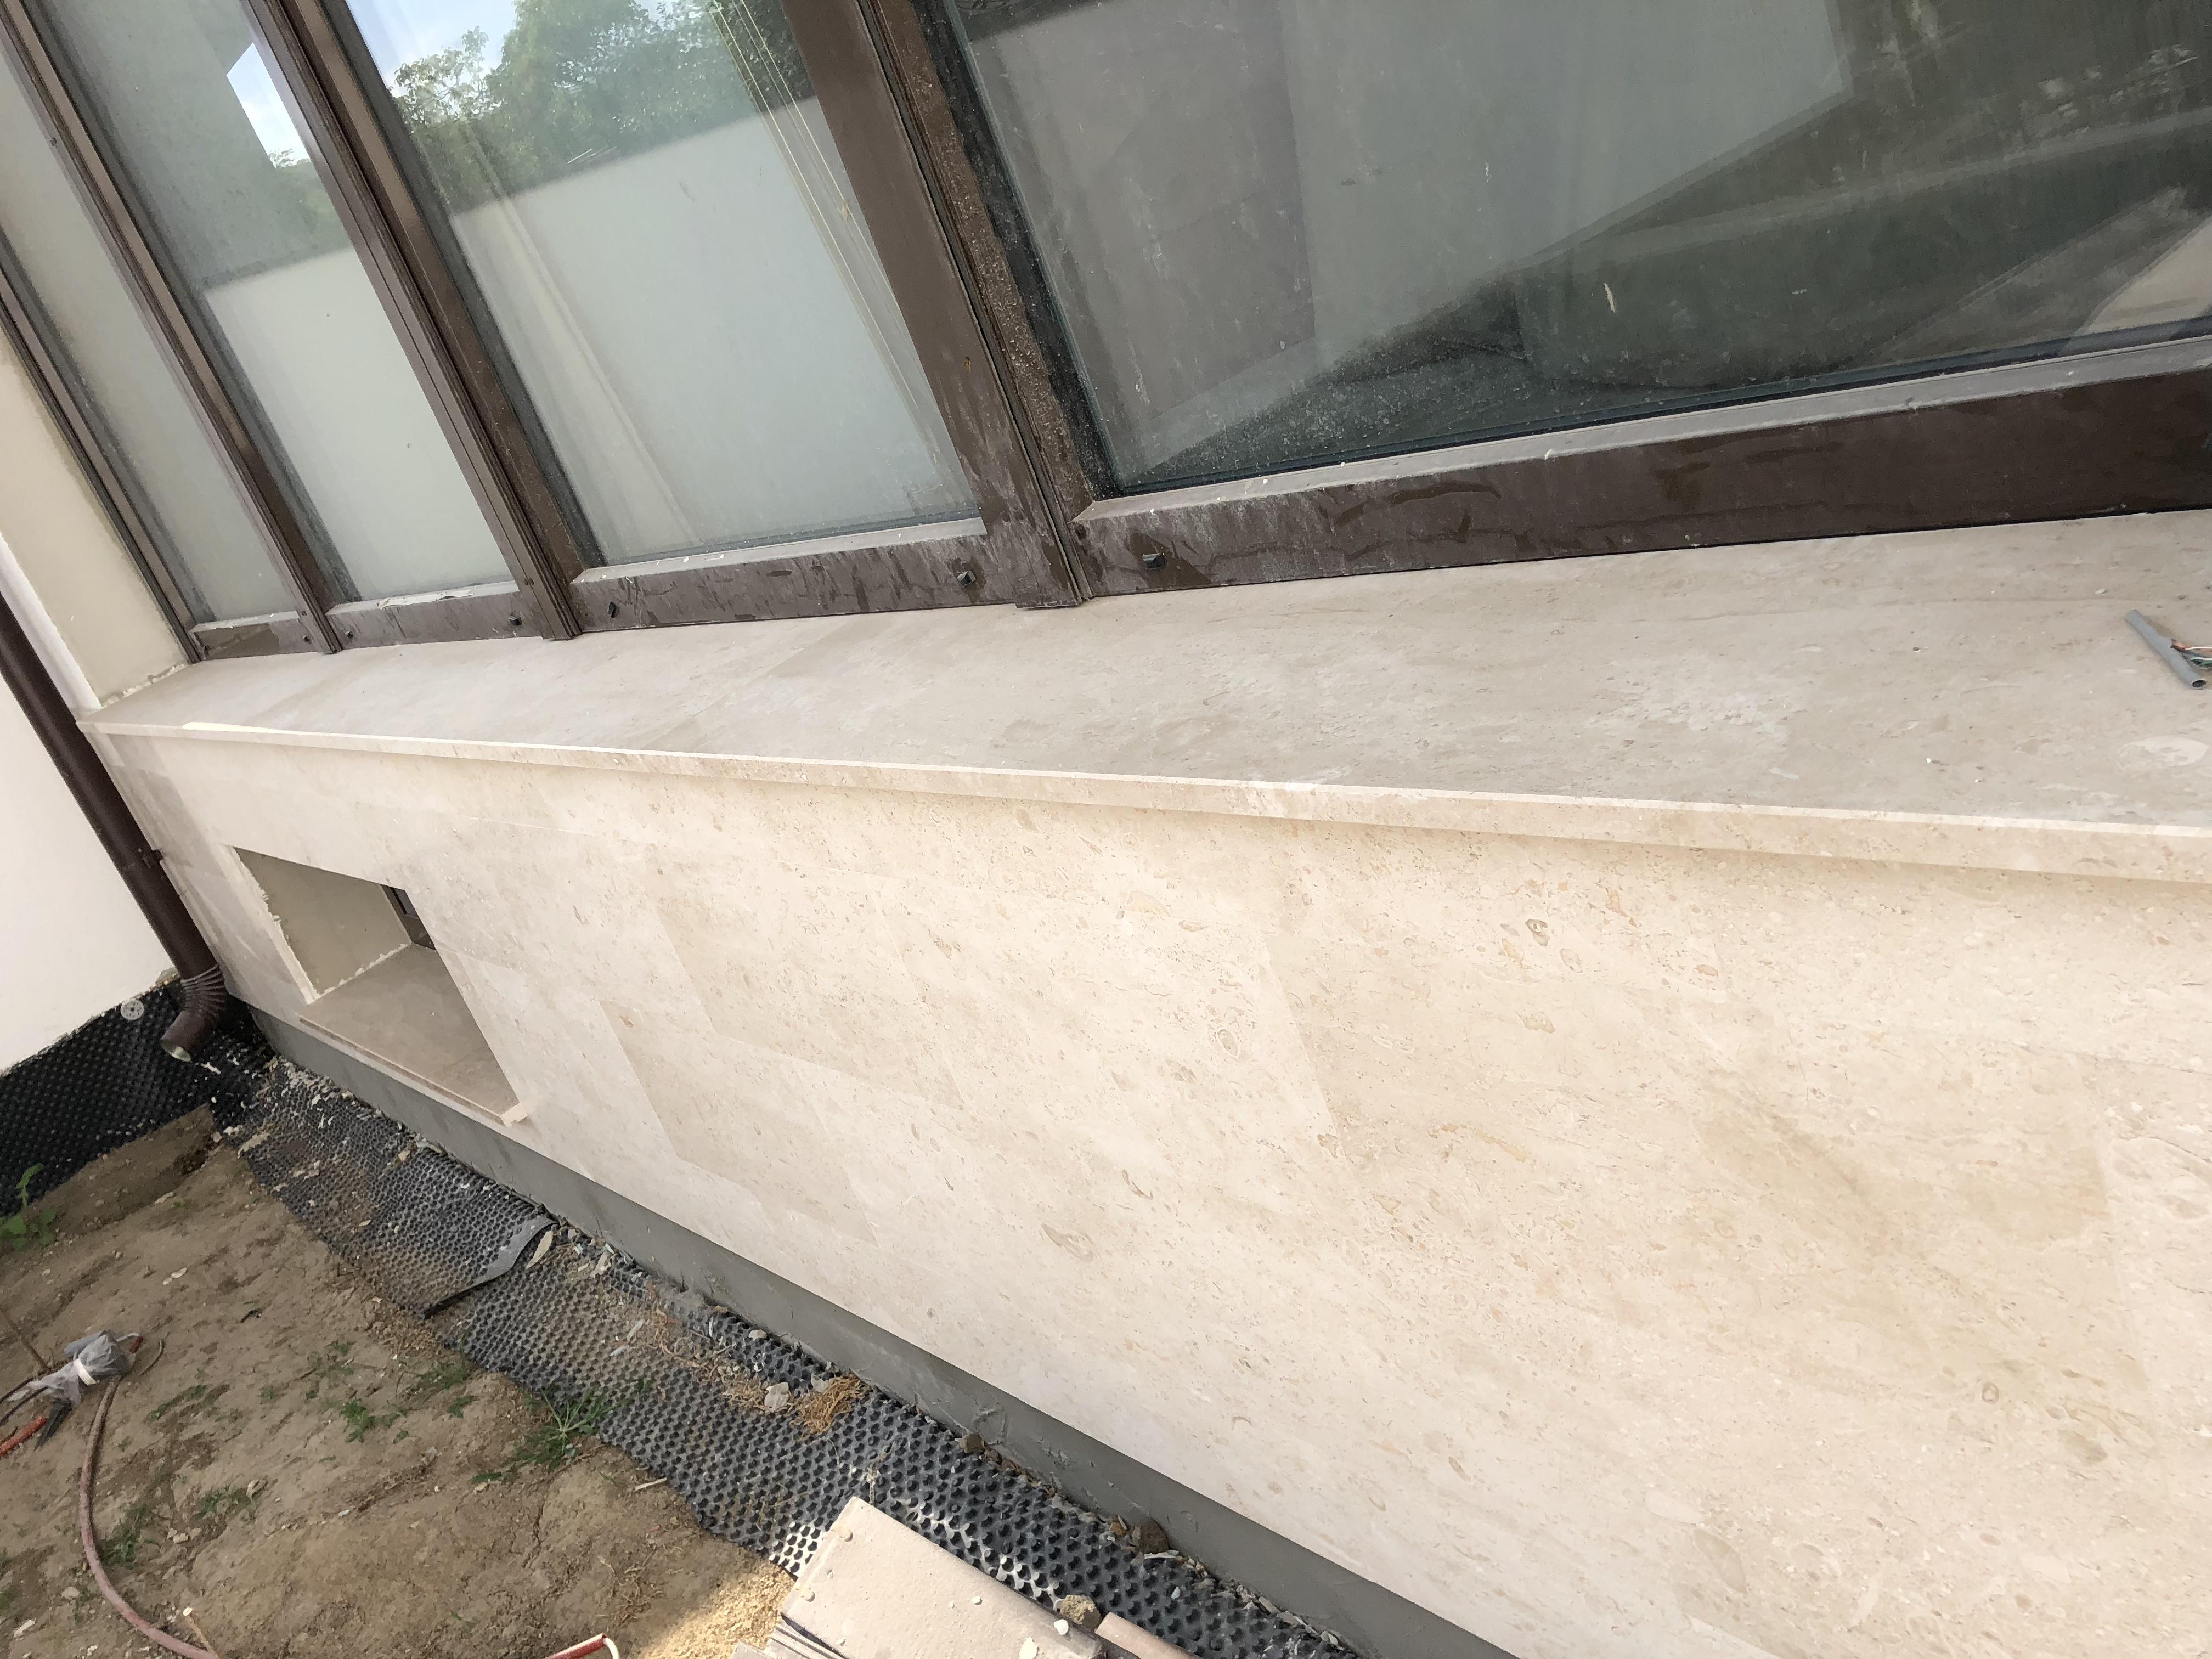 Breccia Sarda párkány x3cm vastagság, hosszoldali megmunkálás, vízorral fényes felülettel